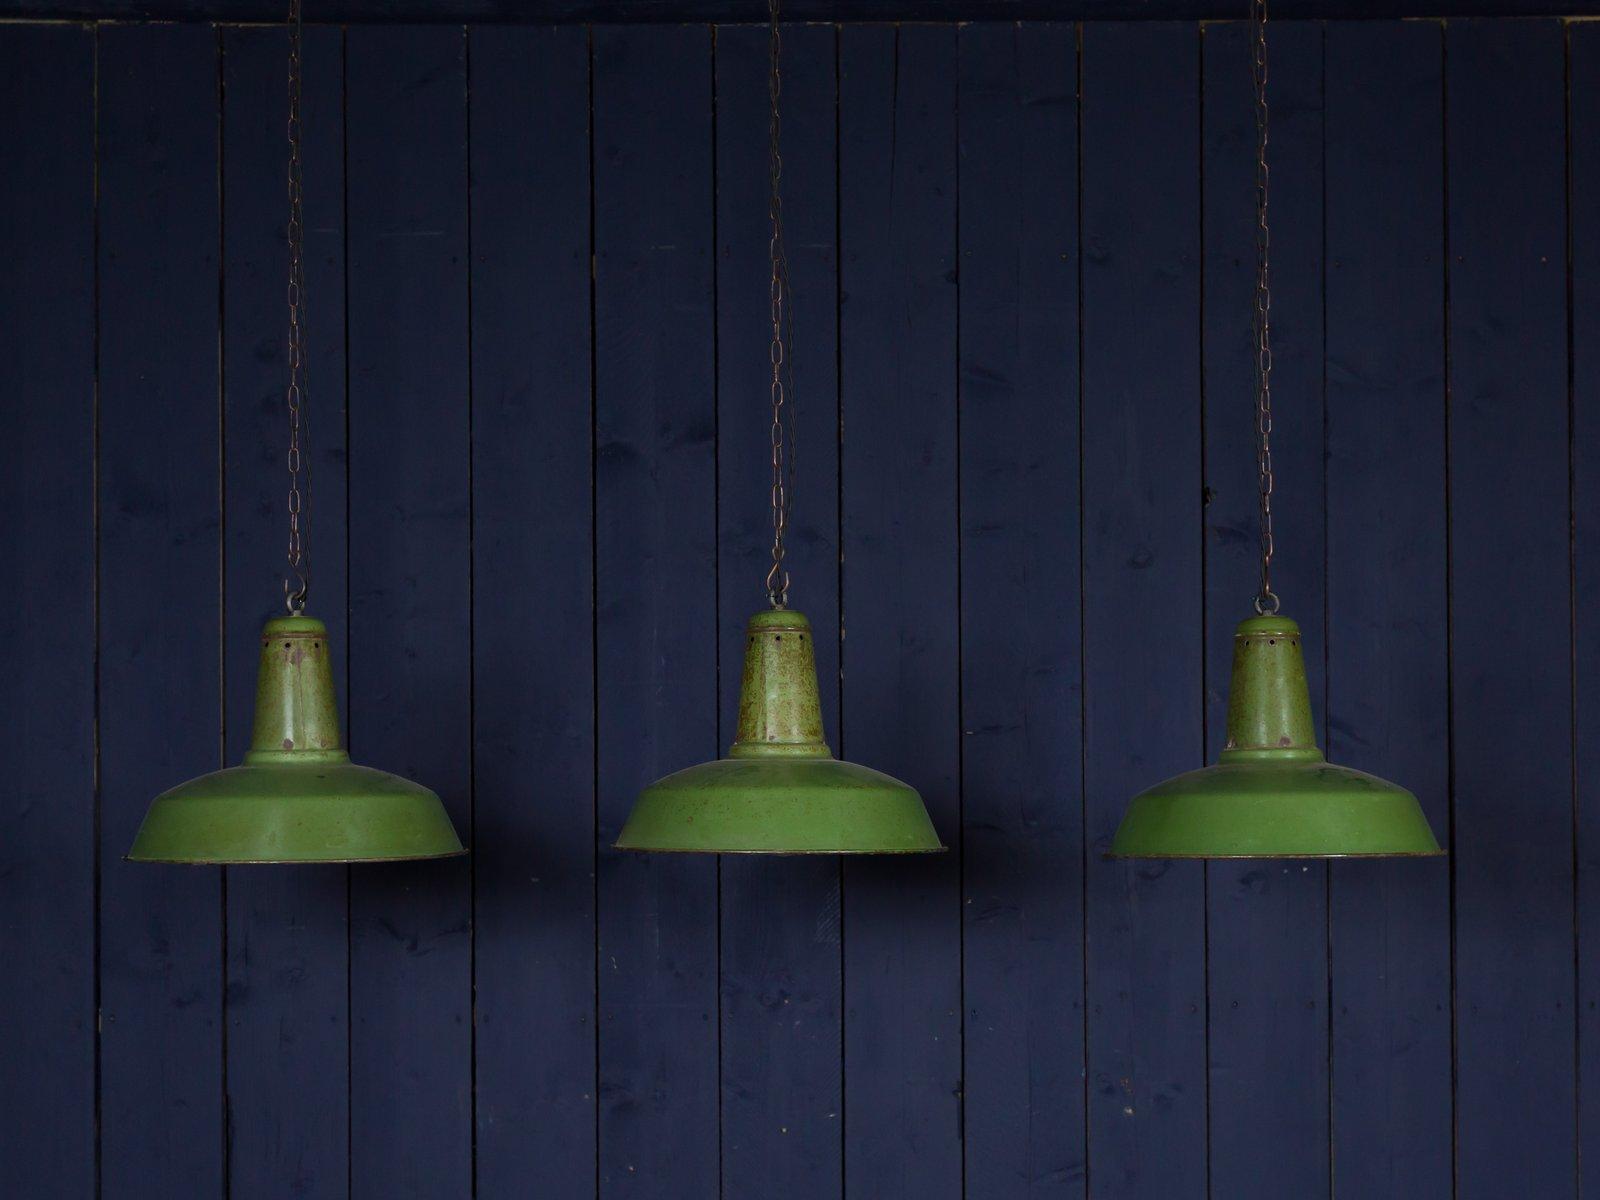 Vintage Lampe aus hellgrüner Emaille